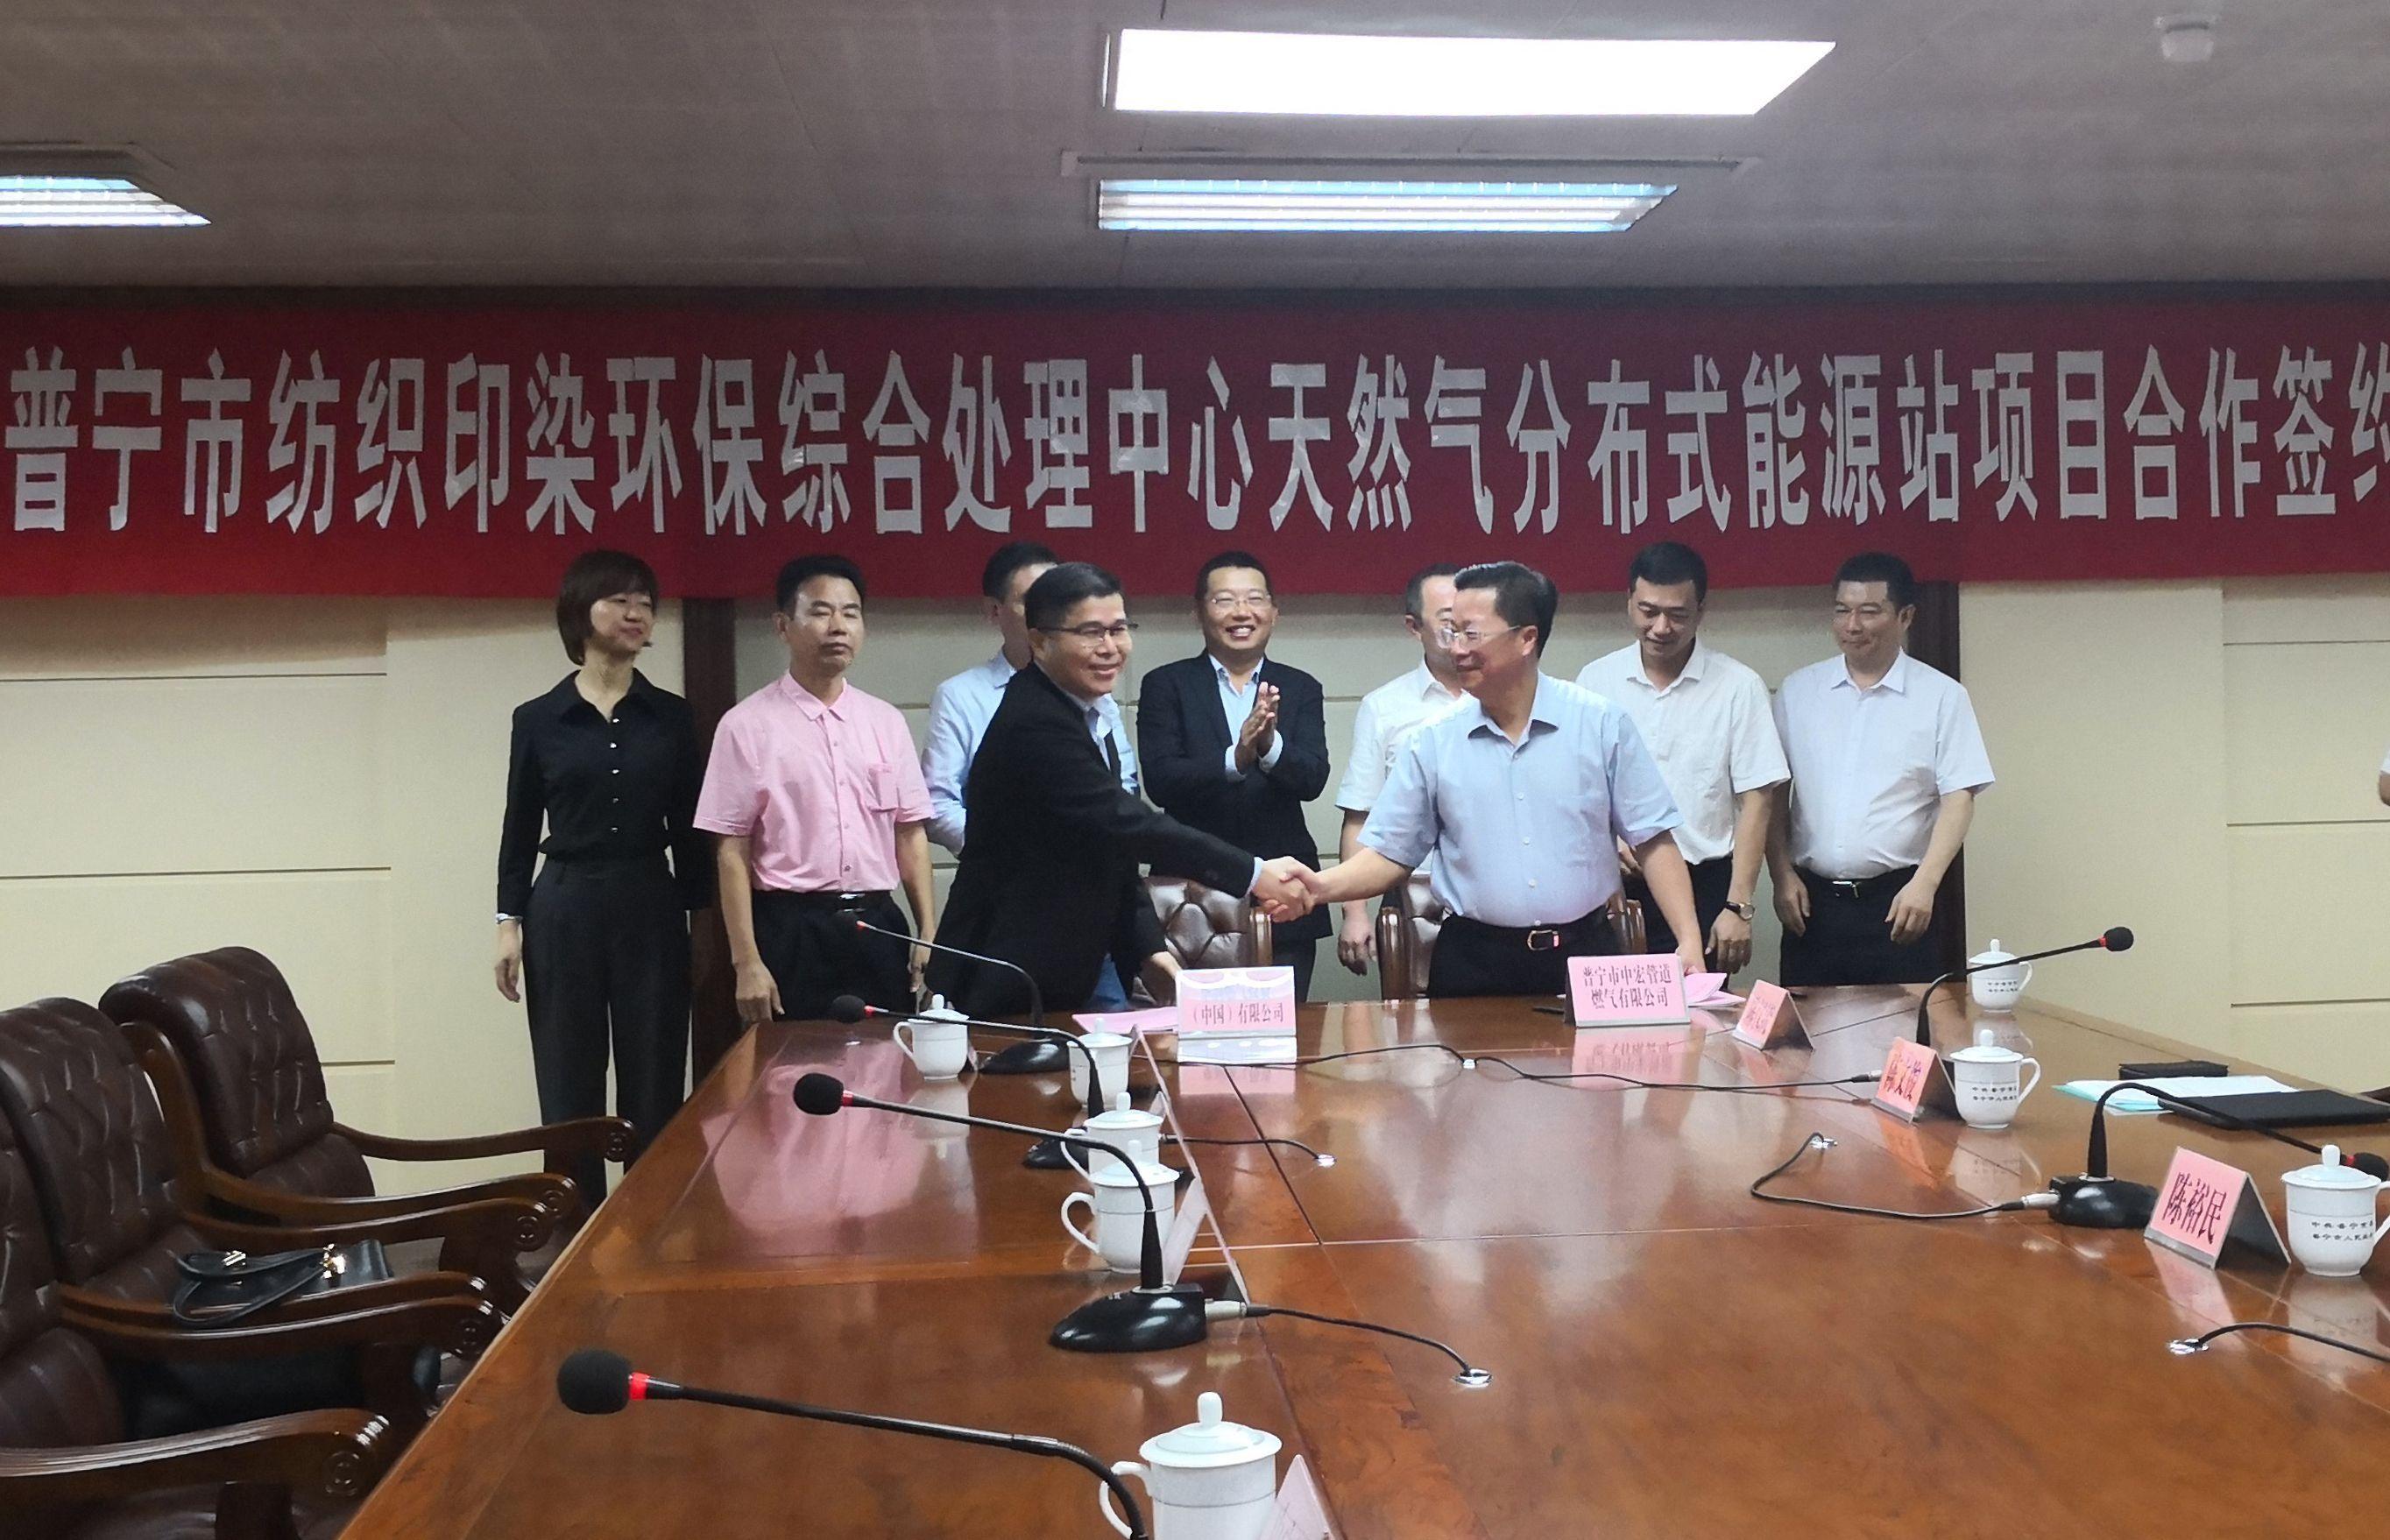 华润燃气集团与普宁市中宏管道燃气有限公司项目合作签约仪式